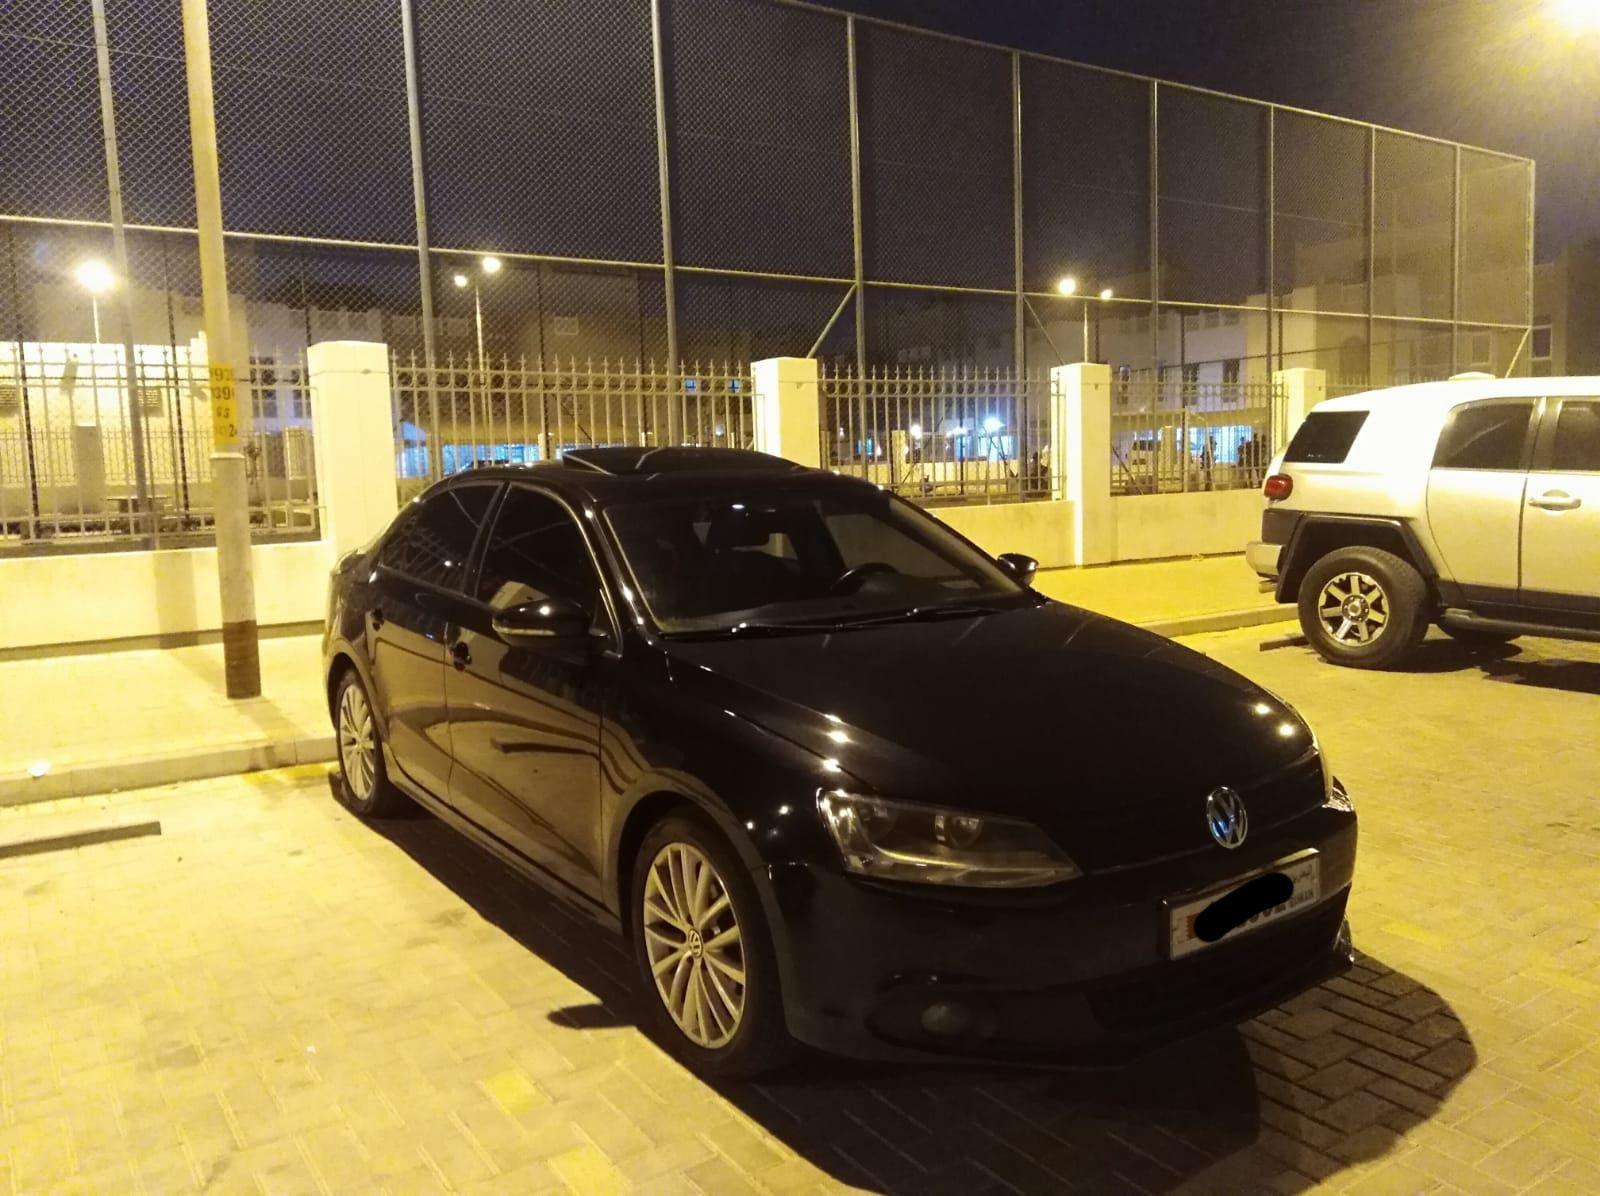 Volkswagen Jetta 2013 (Black)